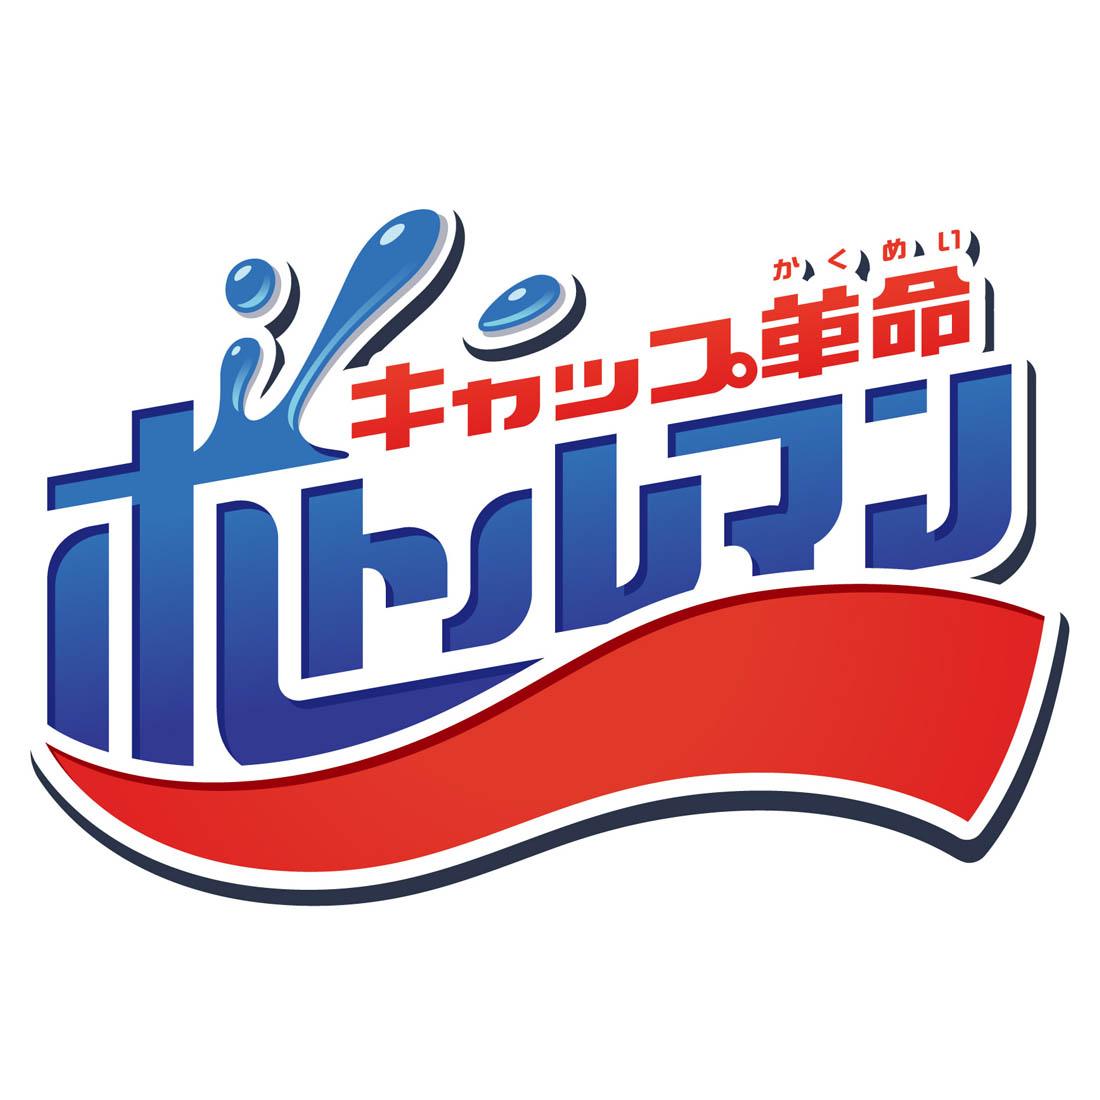 キャップ革命 ボトルマン『BOT-01 コーラマル』おもちゃ-001